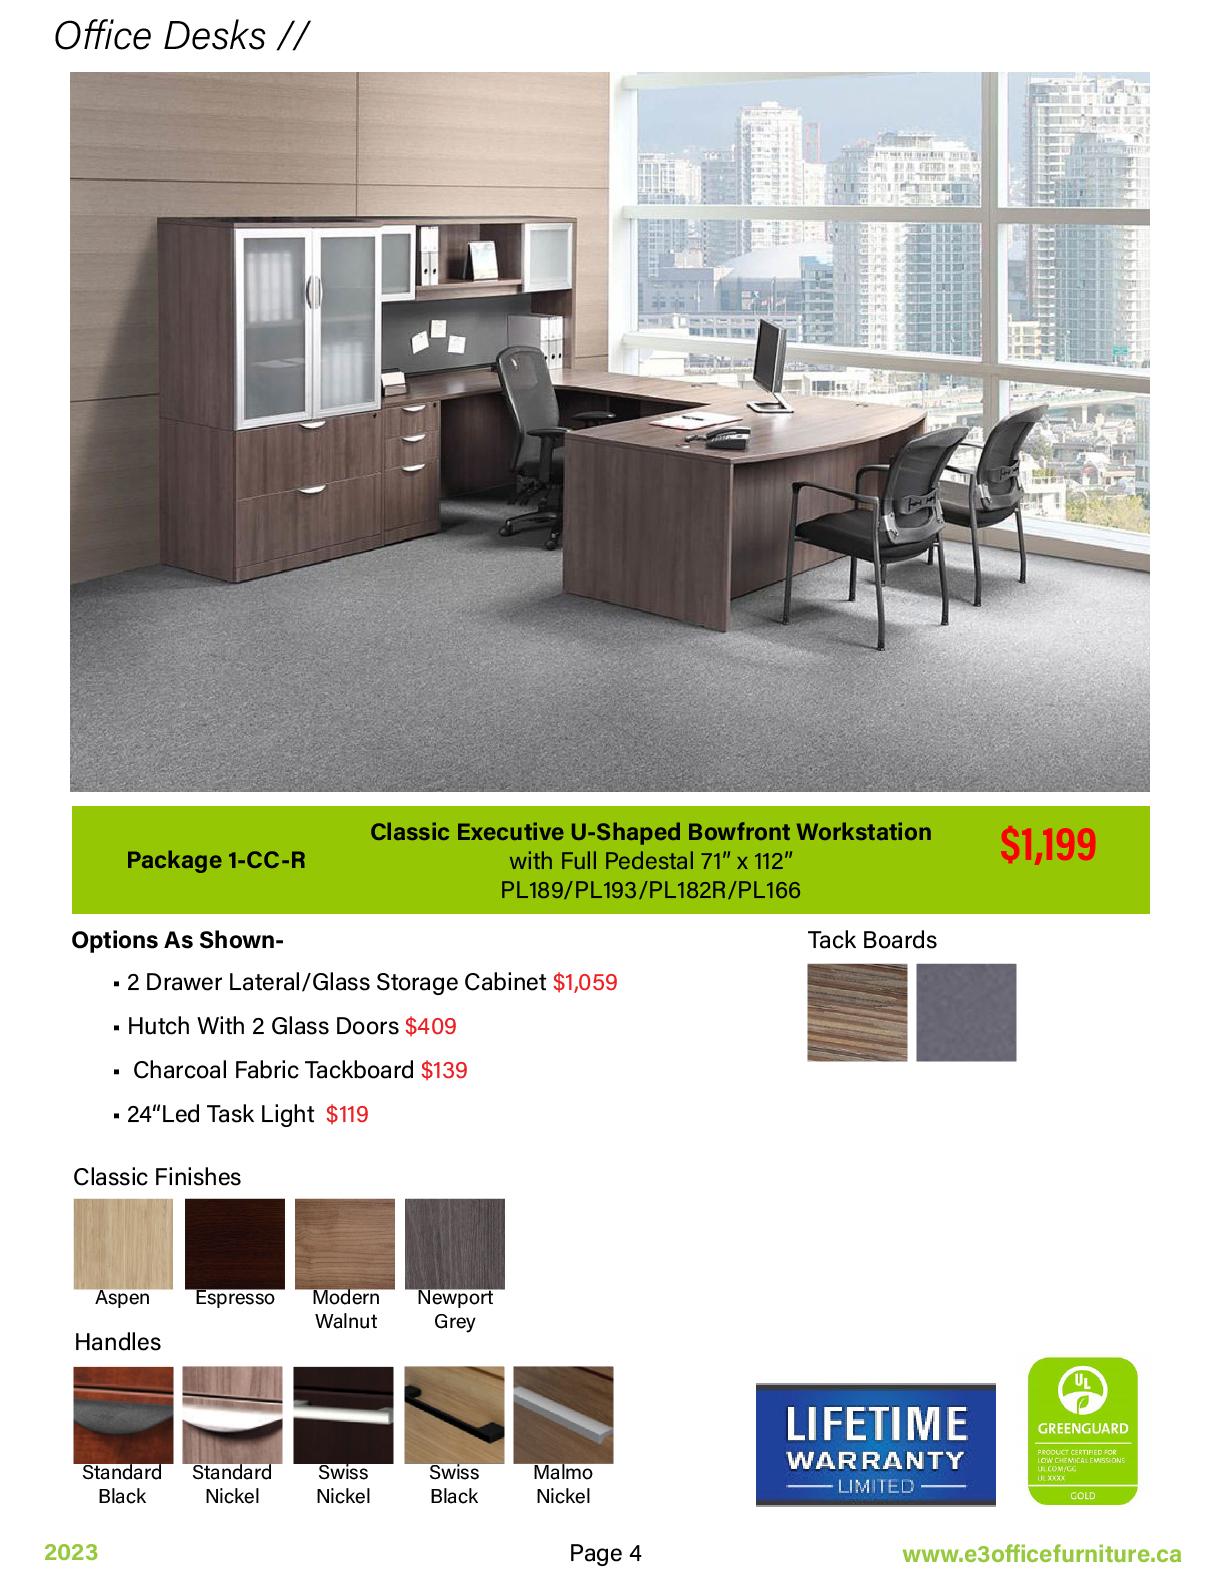 office desks bookcases storage. Black Bedroom Furniture Sets. Home Design Ideas